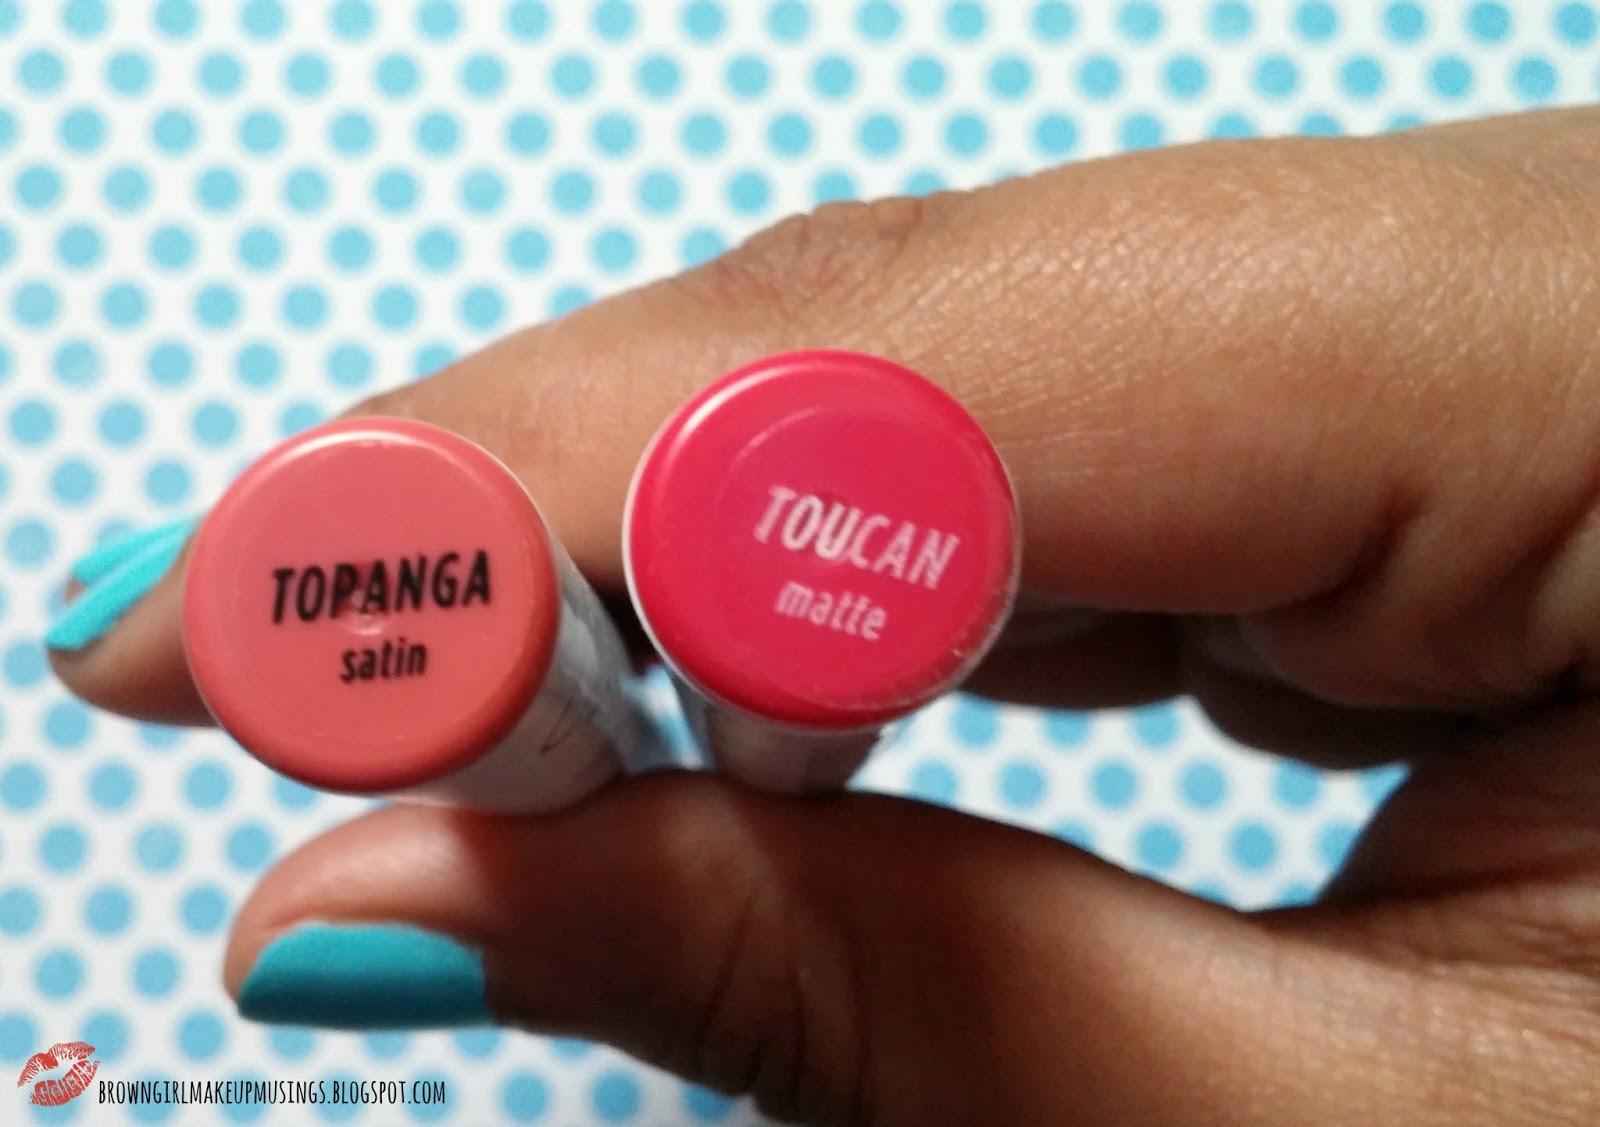 Topanga tube